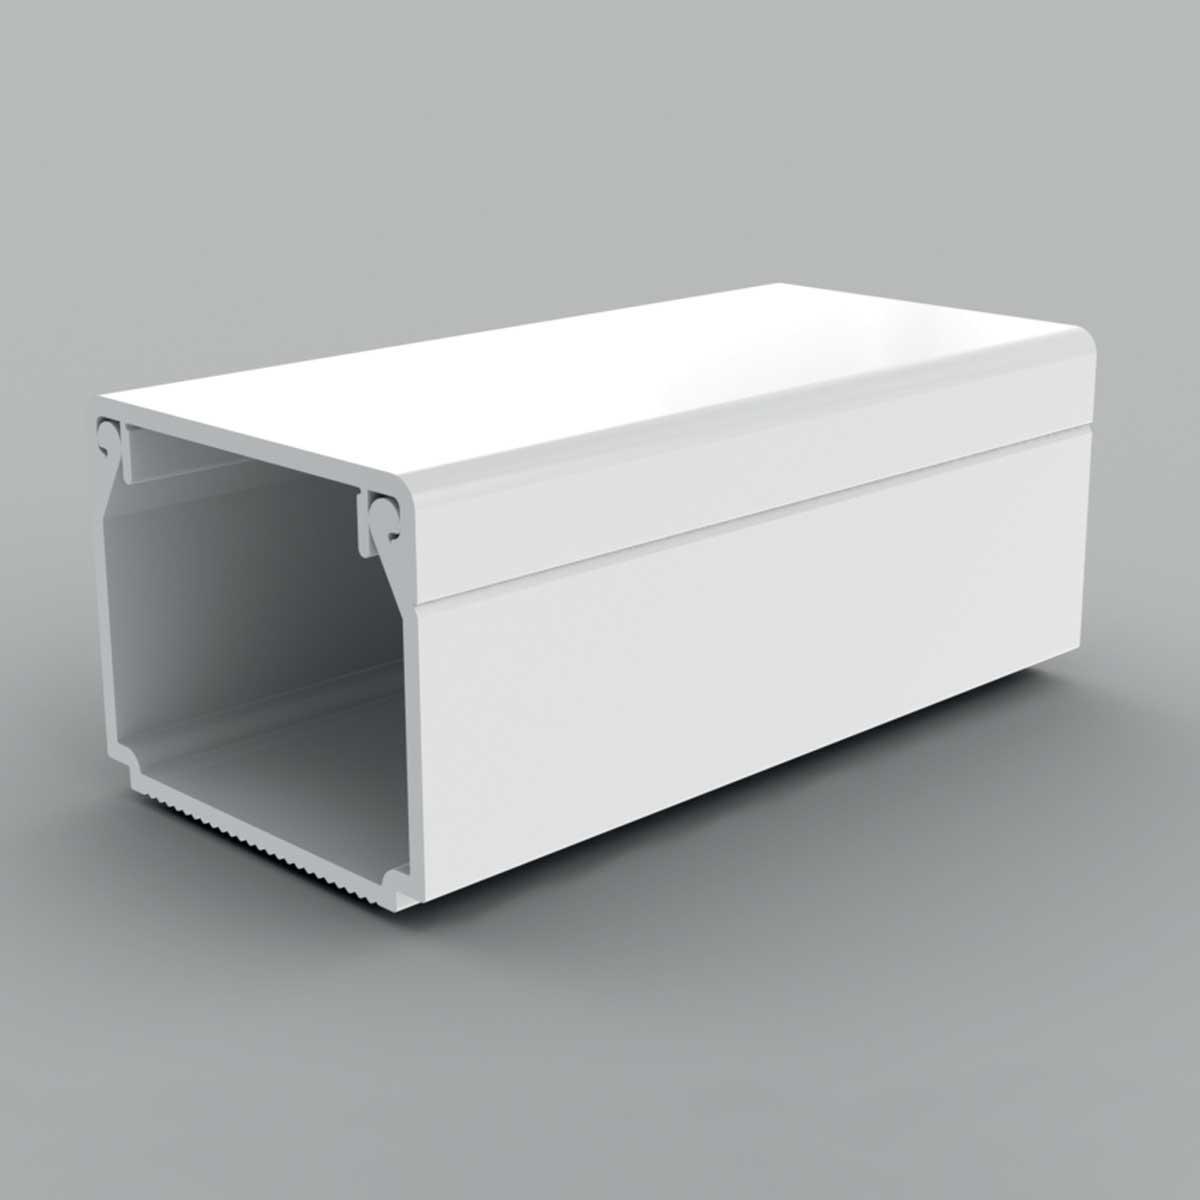 Кабельний канал з ПВХ білого кольору 25х20мм; Серія LH;